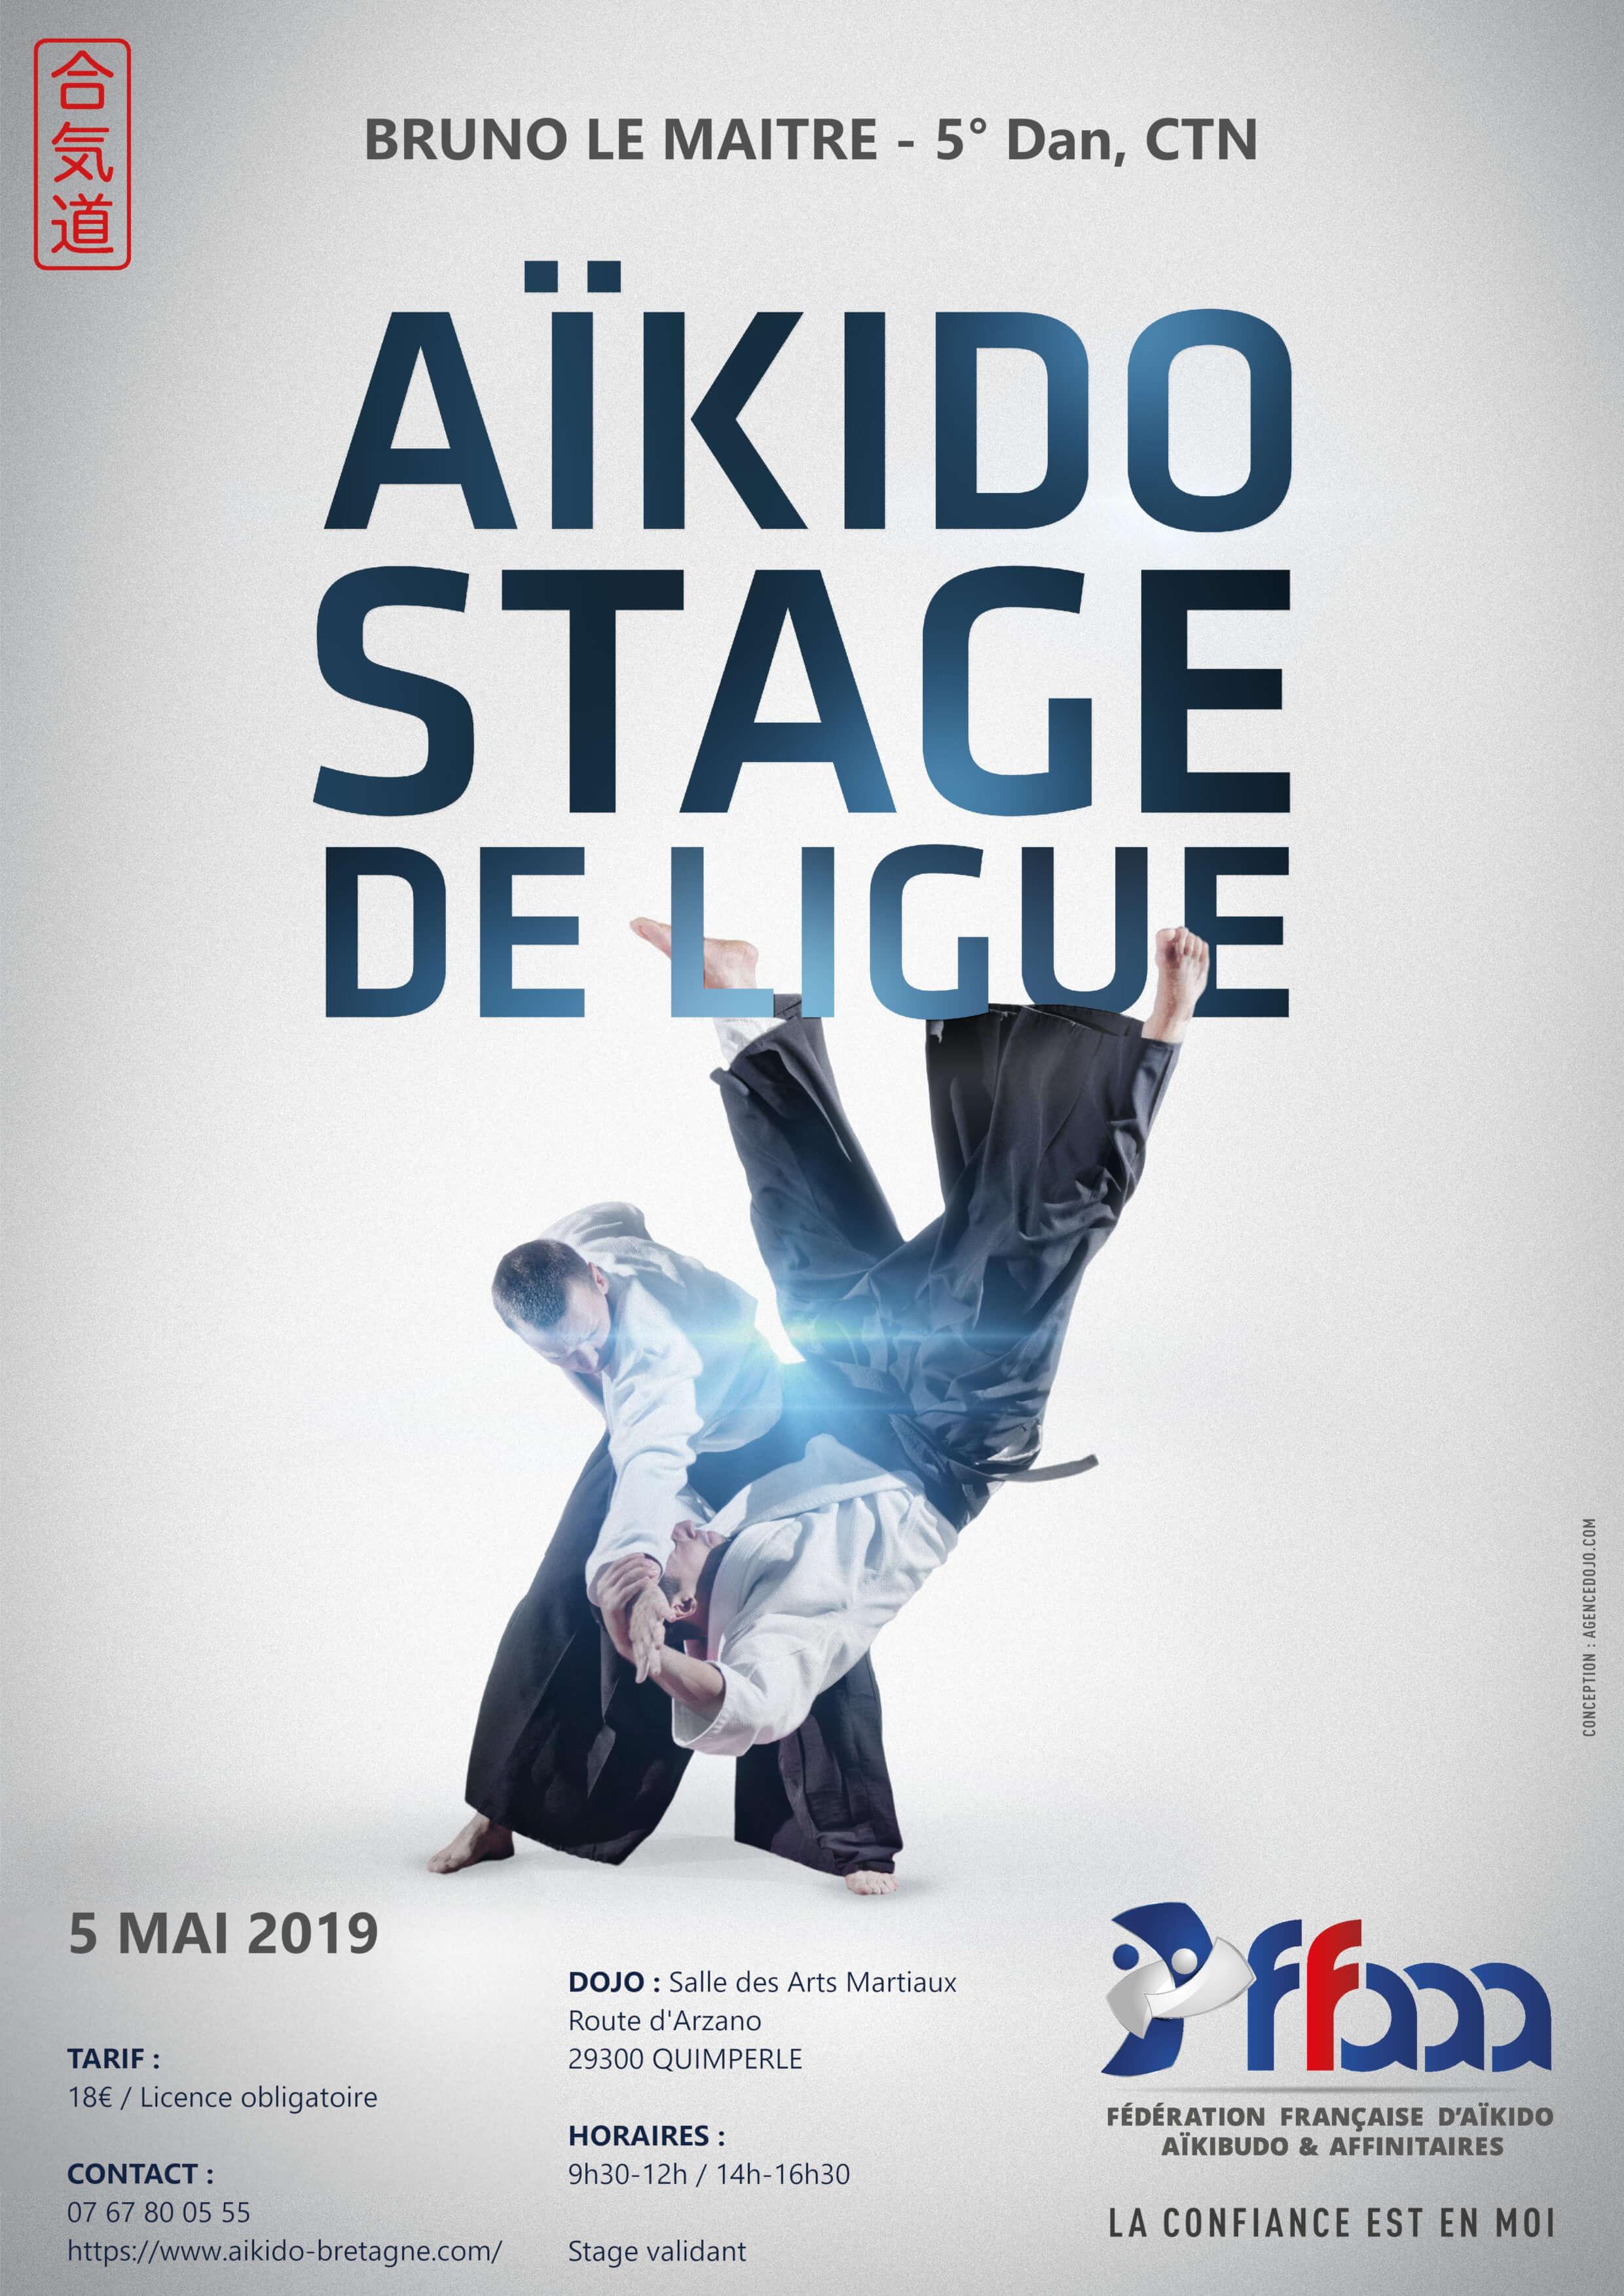 affiche du stage Aïkido de ligue du 5 mai 2019 à Quimperlé